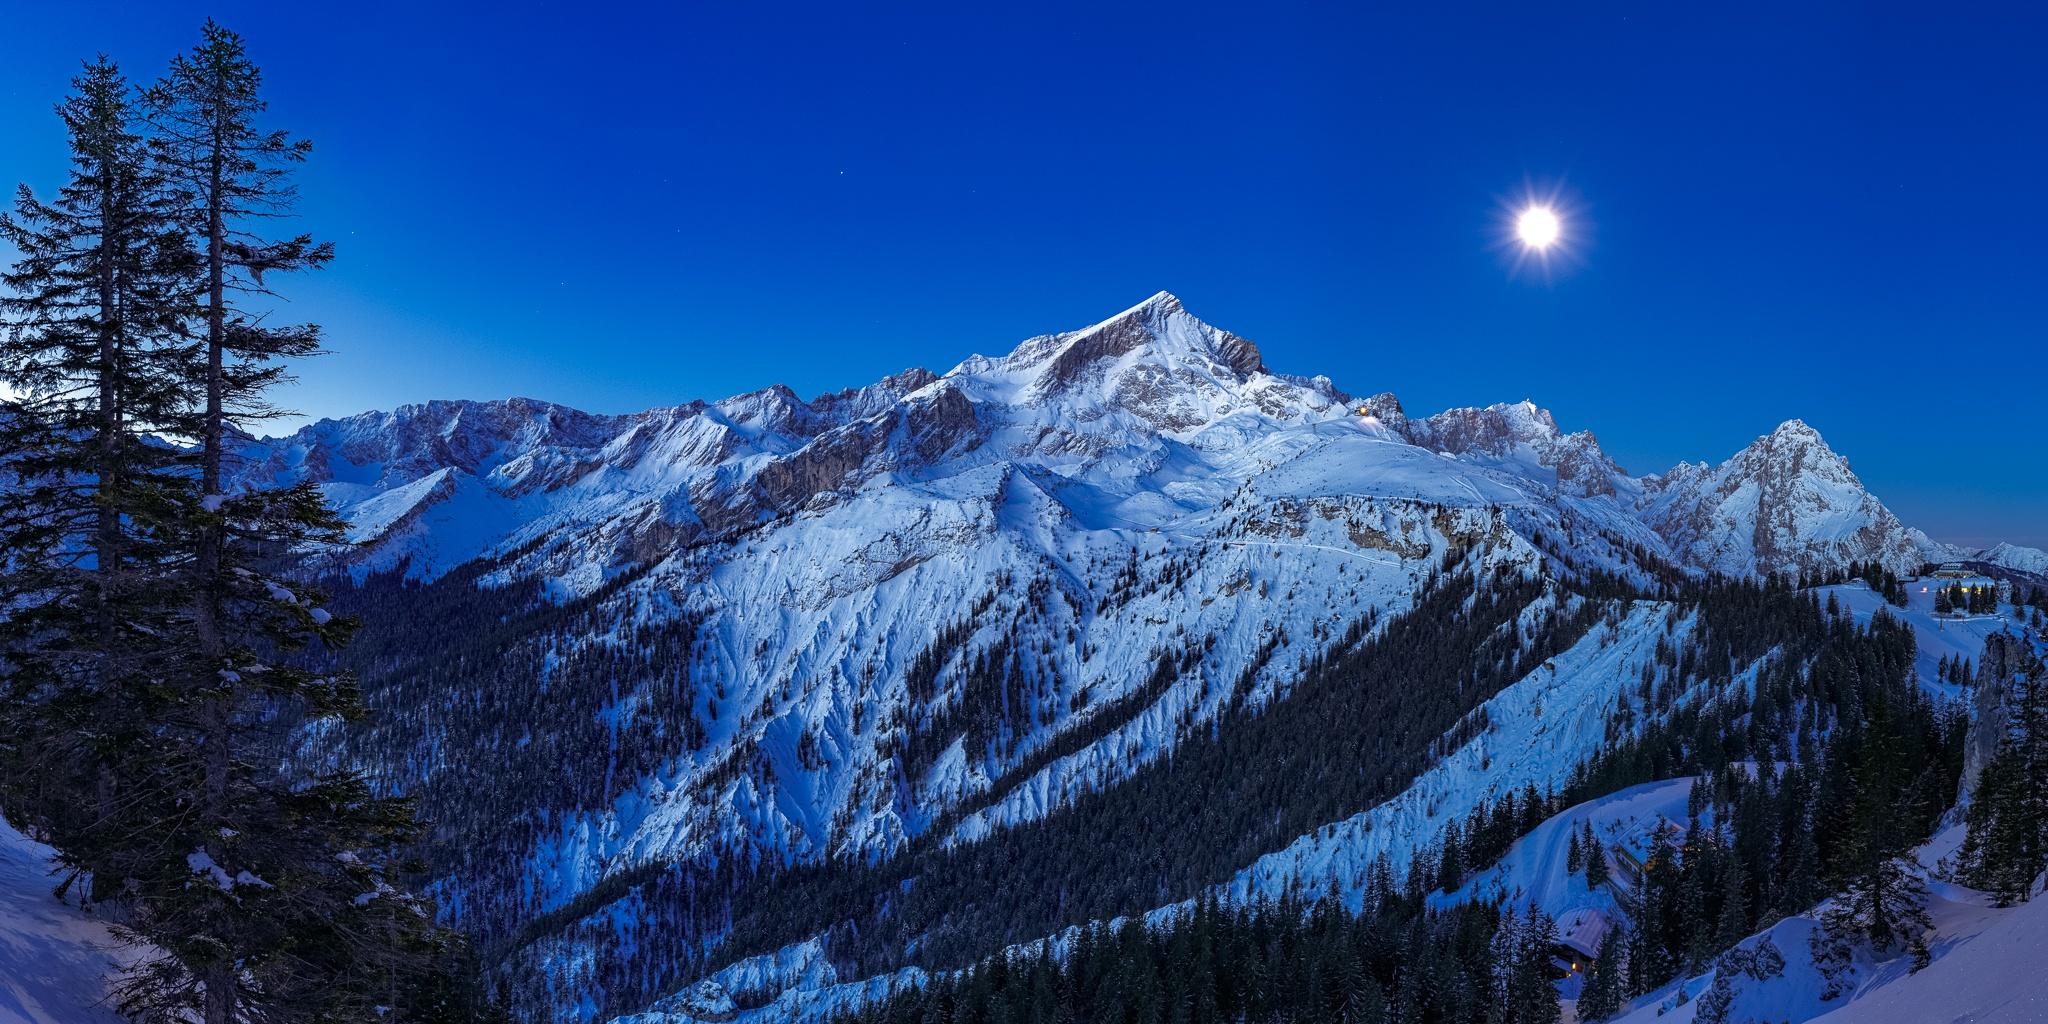 Alpspitze-Zugspitze-Mondlicht